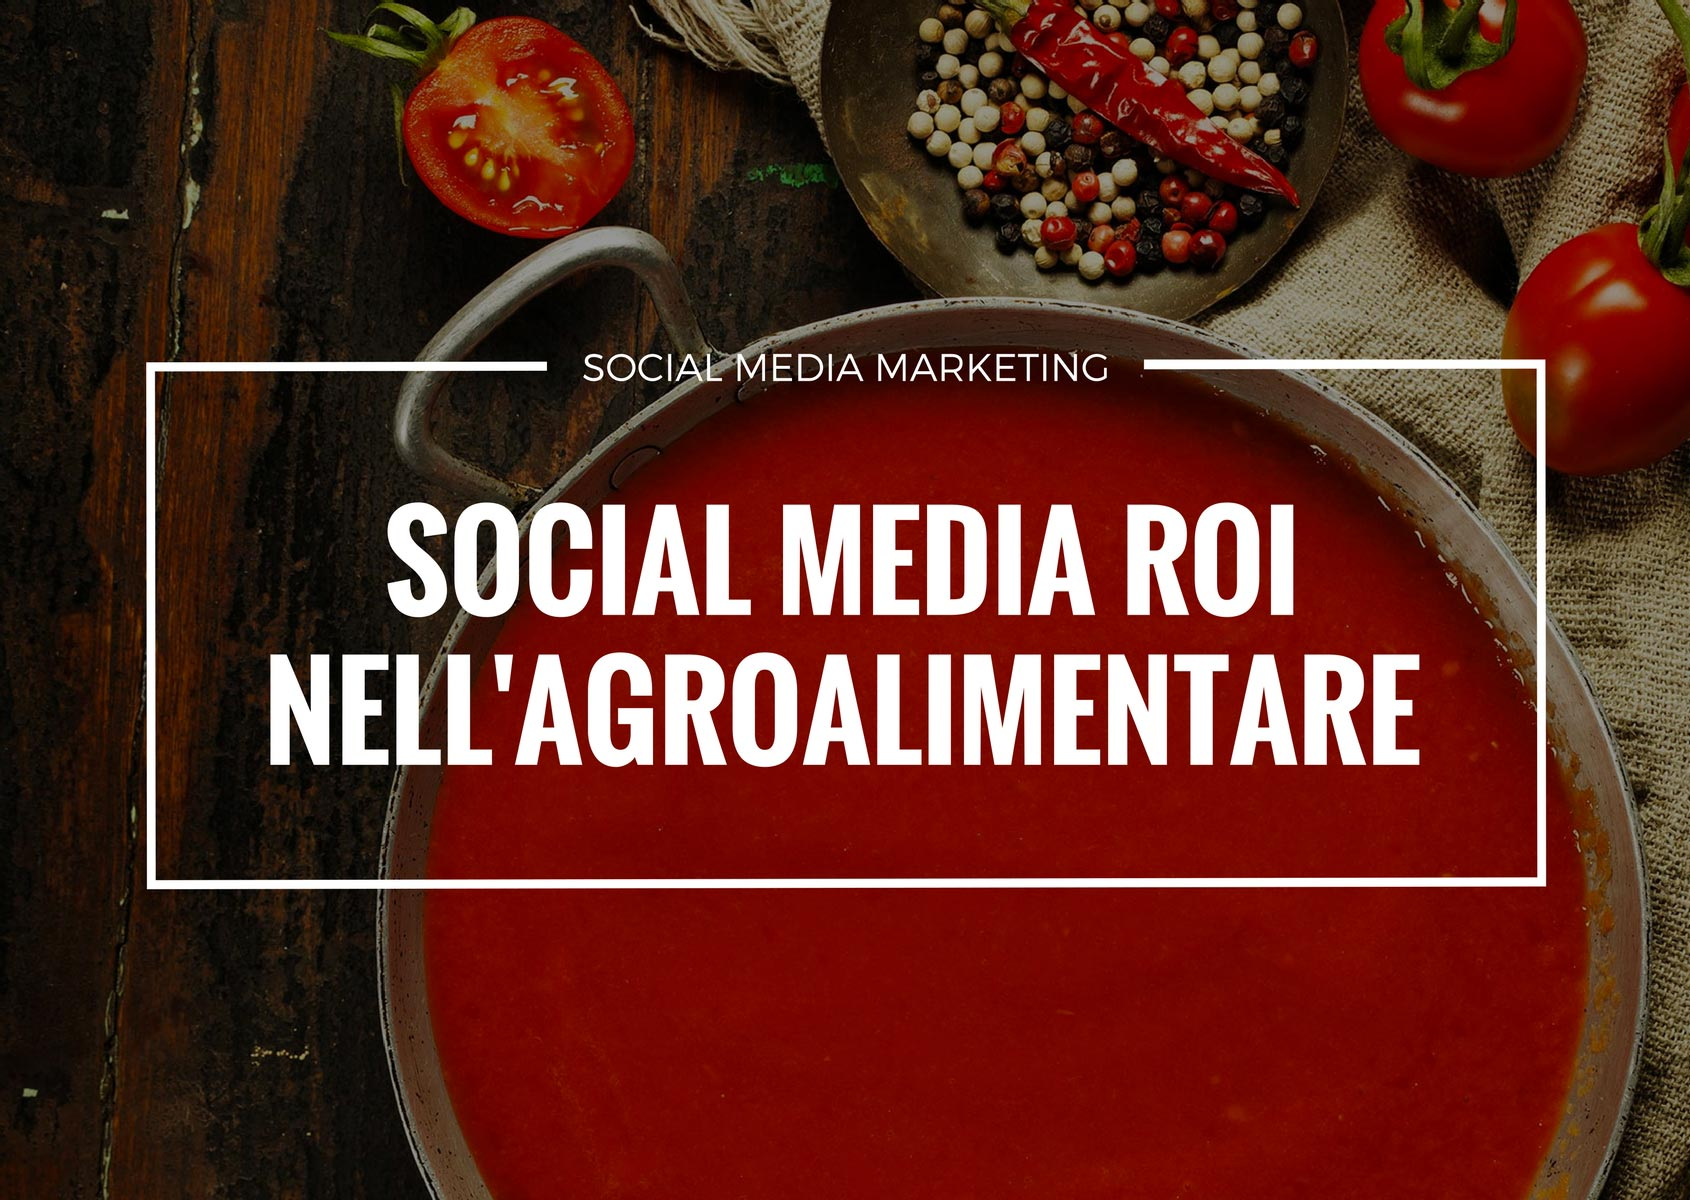 social media roi agroalimentare